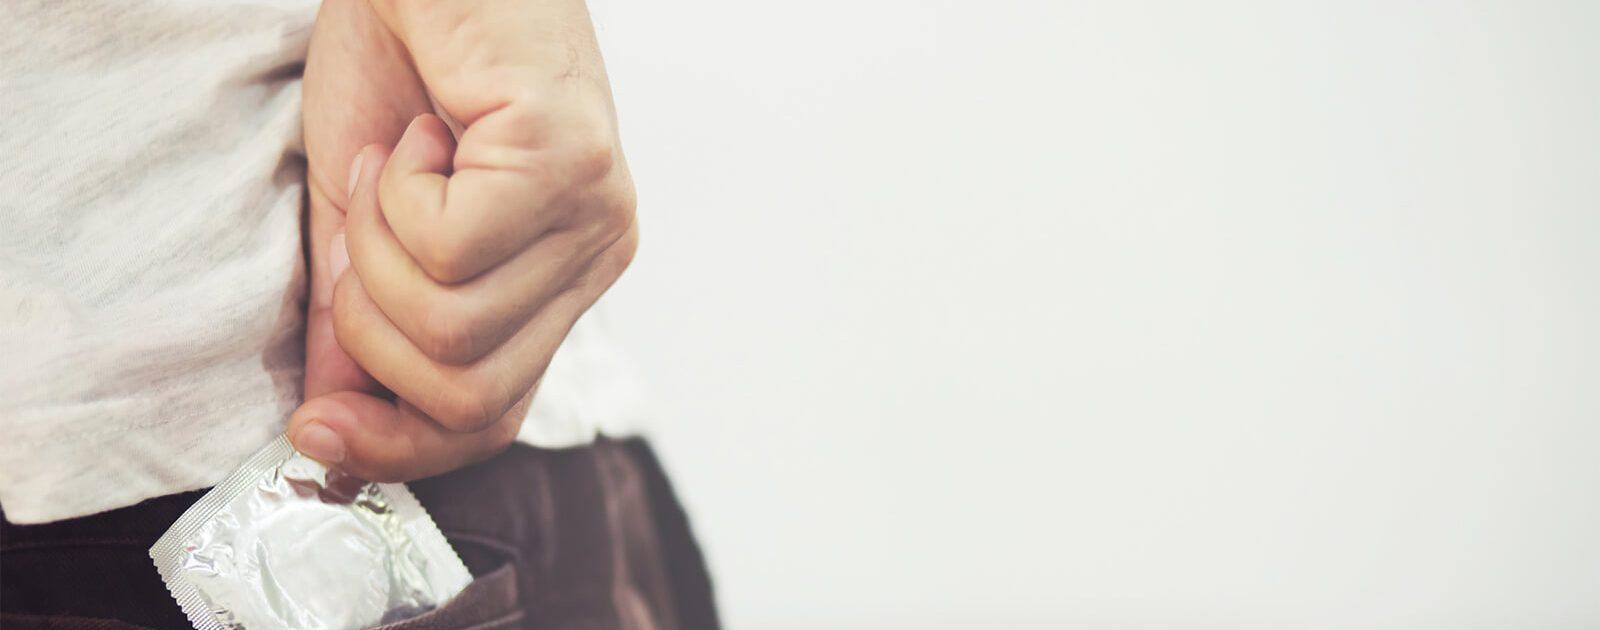 Mann, der ein Kondom aus der Tasche zieht, um sich vor Geschlechtskrankheiten zu schützen